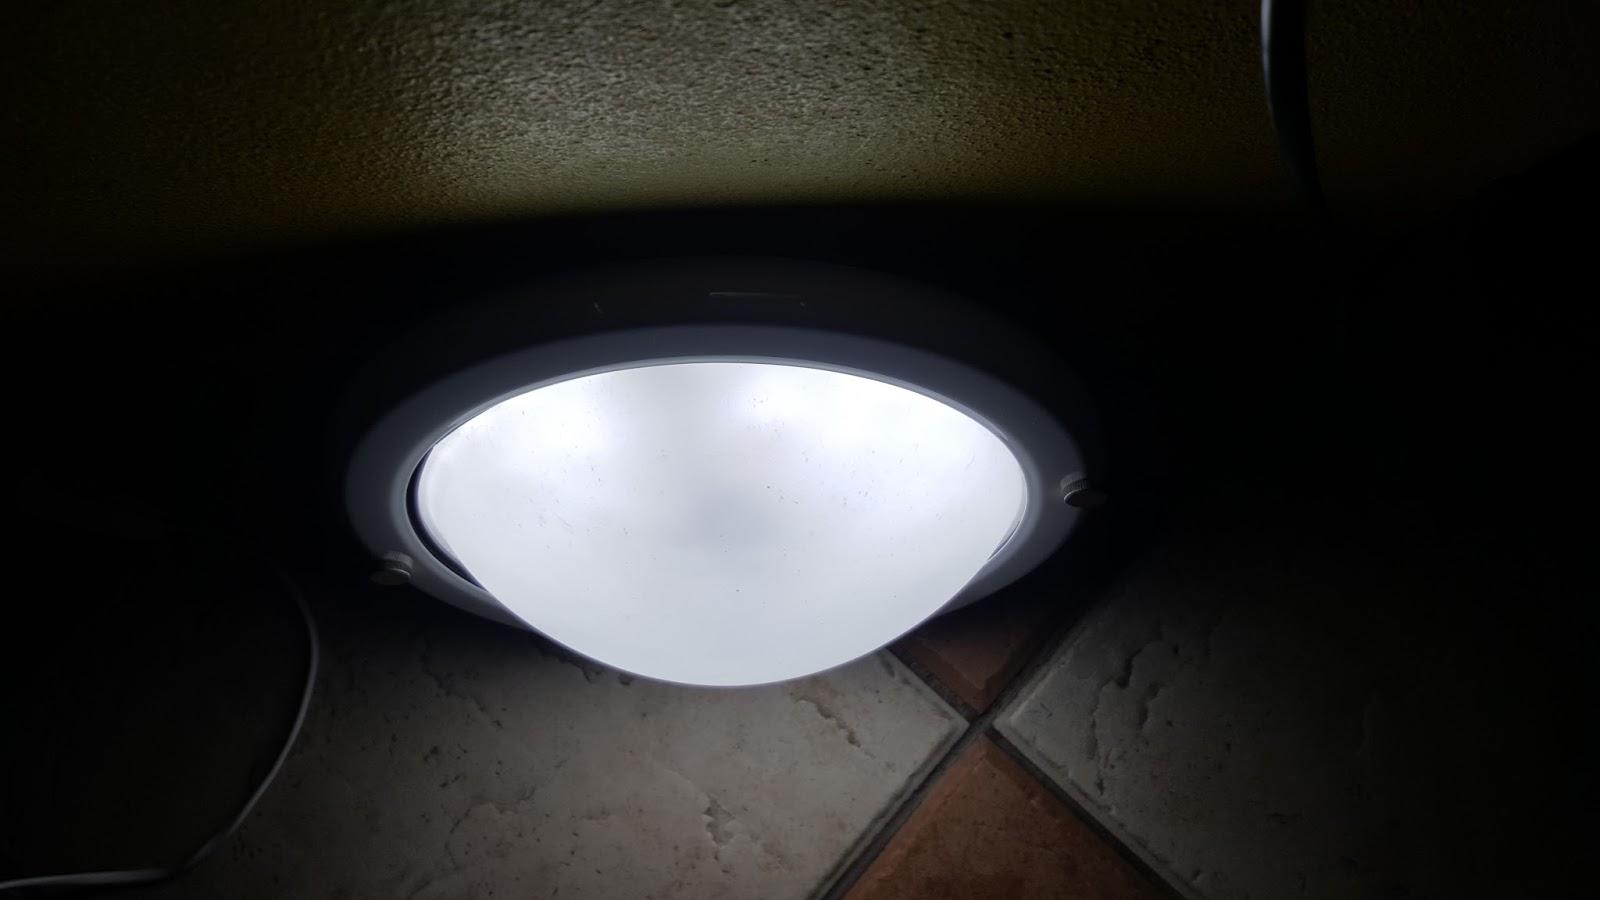 Argento iluminacion decorativa plafones 20 25 y 30 cm - Iluminacion led decorativa ...